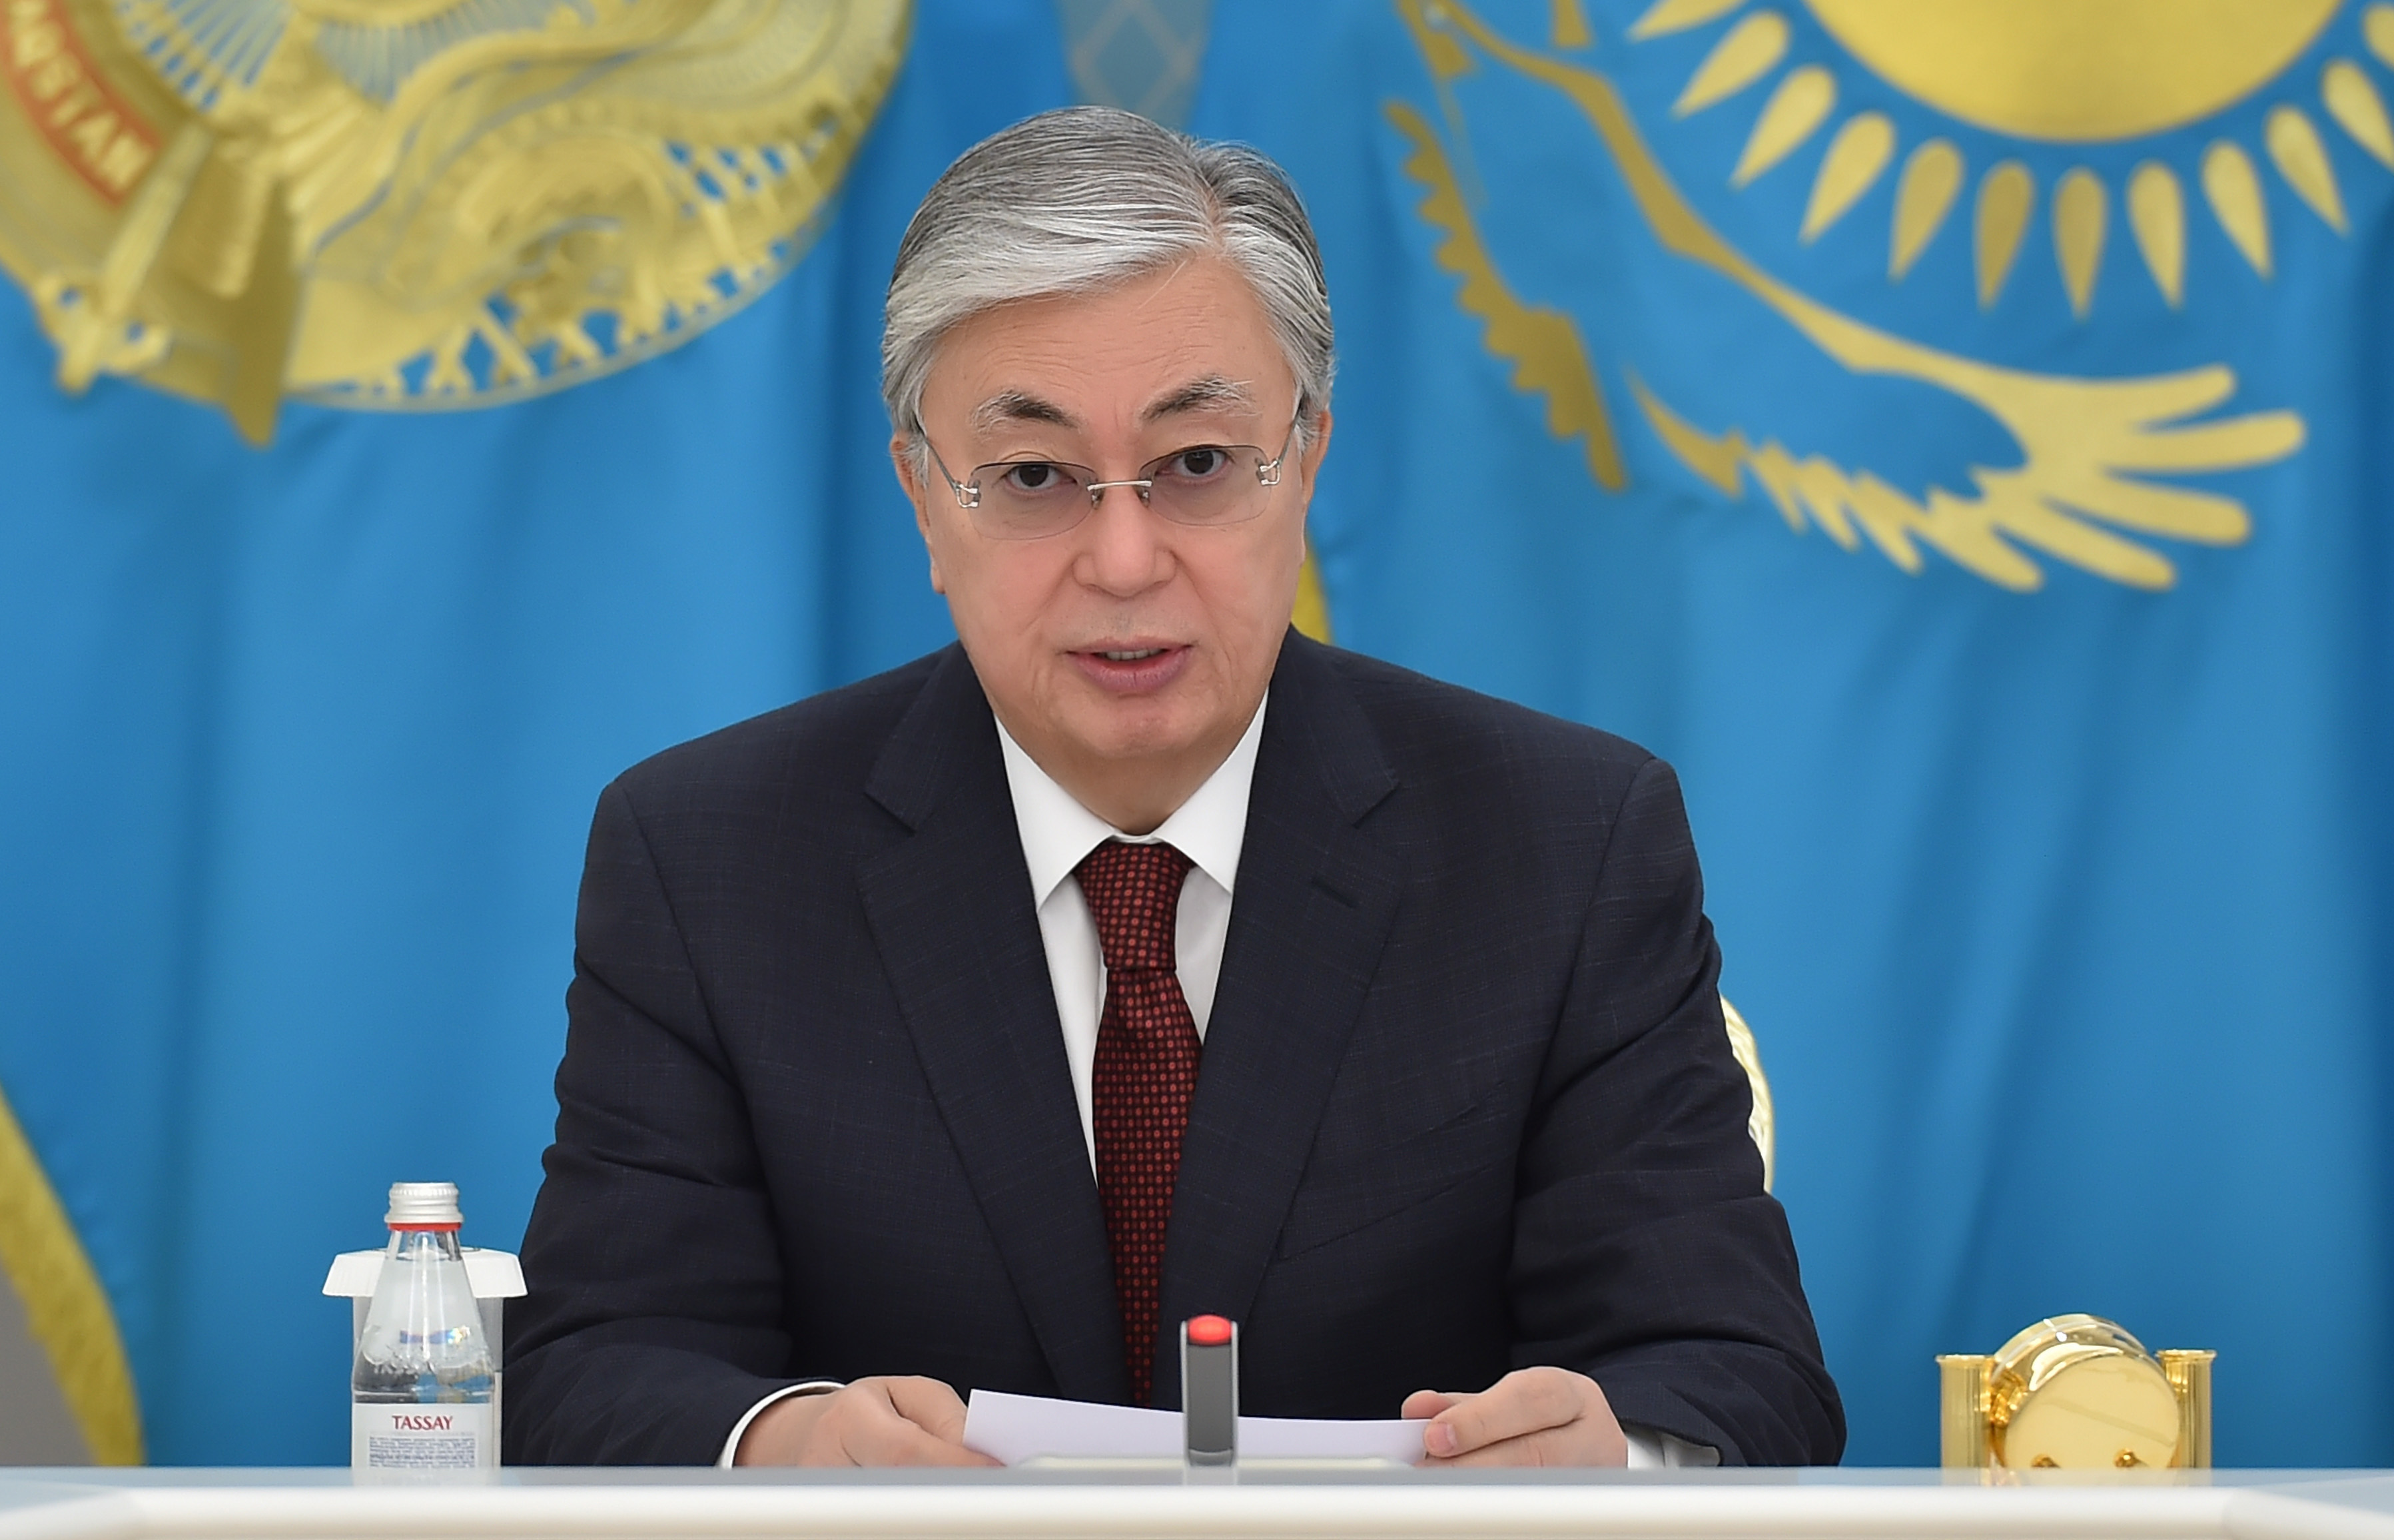 Касым-Жомарт Токаев утвердил состав госкомиссии по восстановлению экономического роста